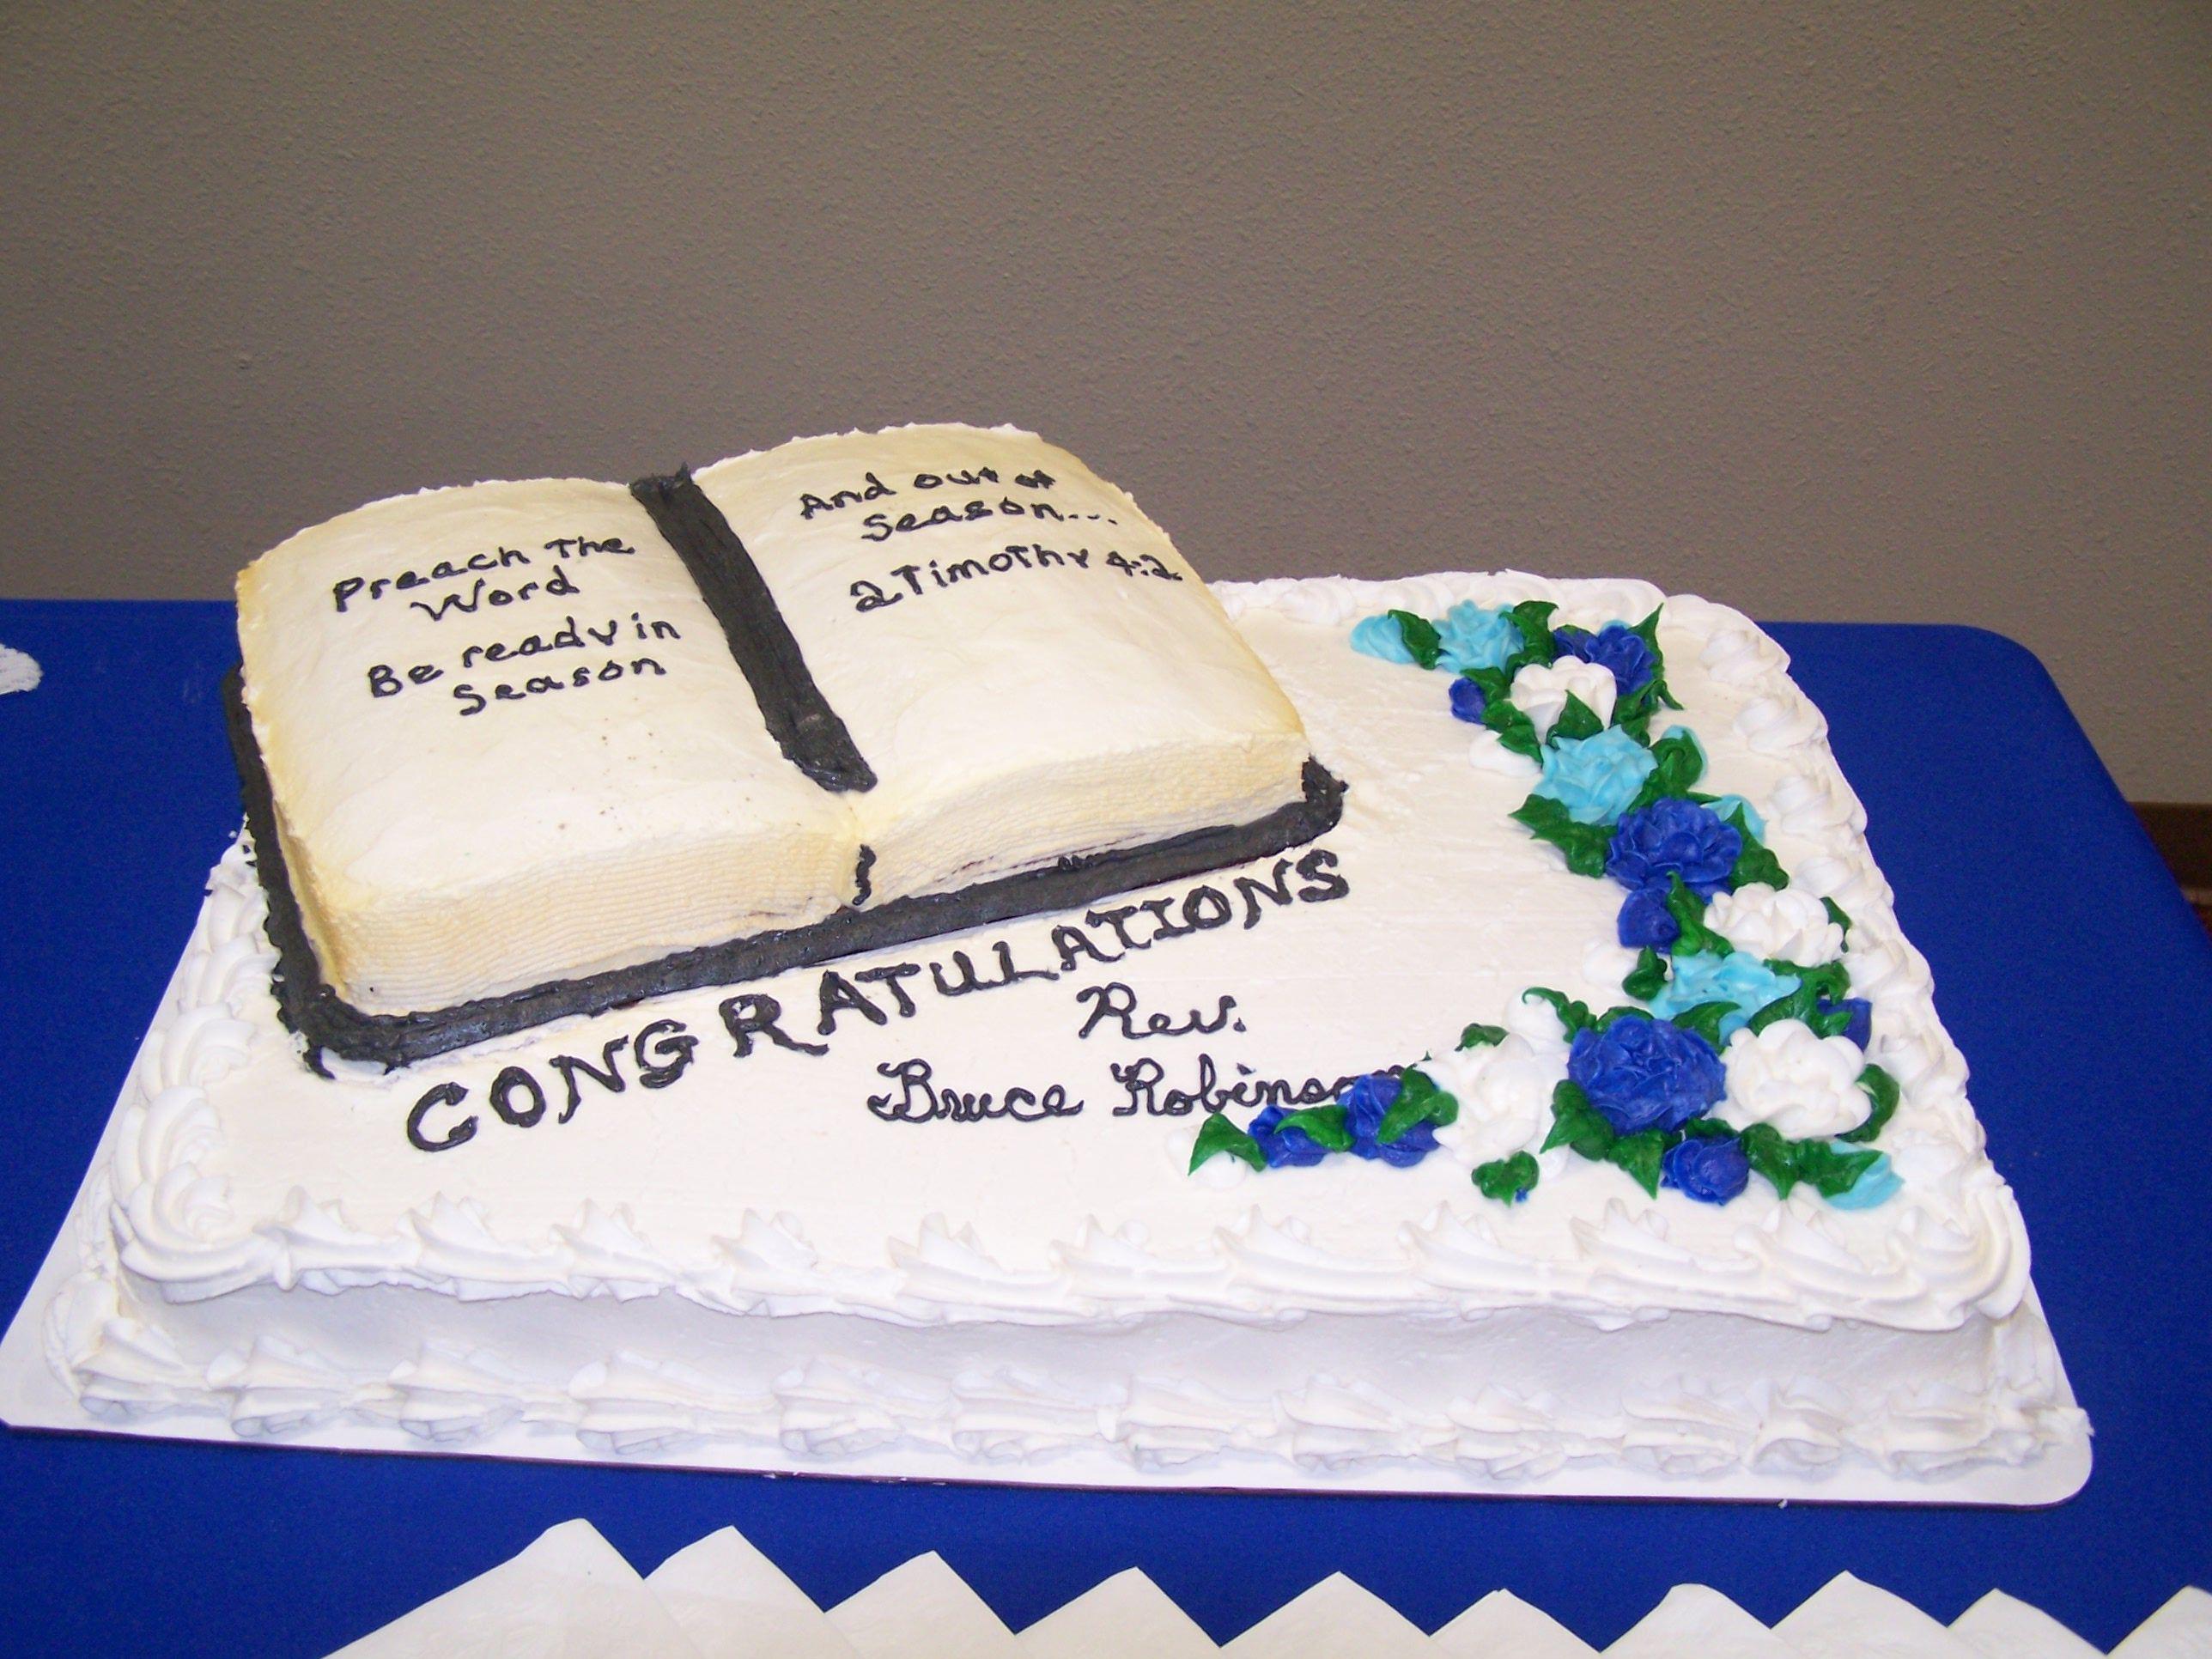 Pin on Religious Cakes